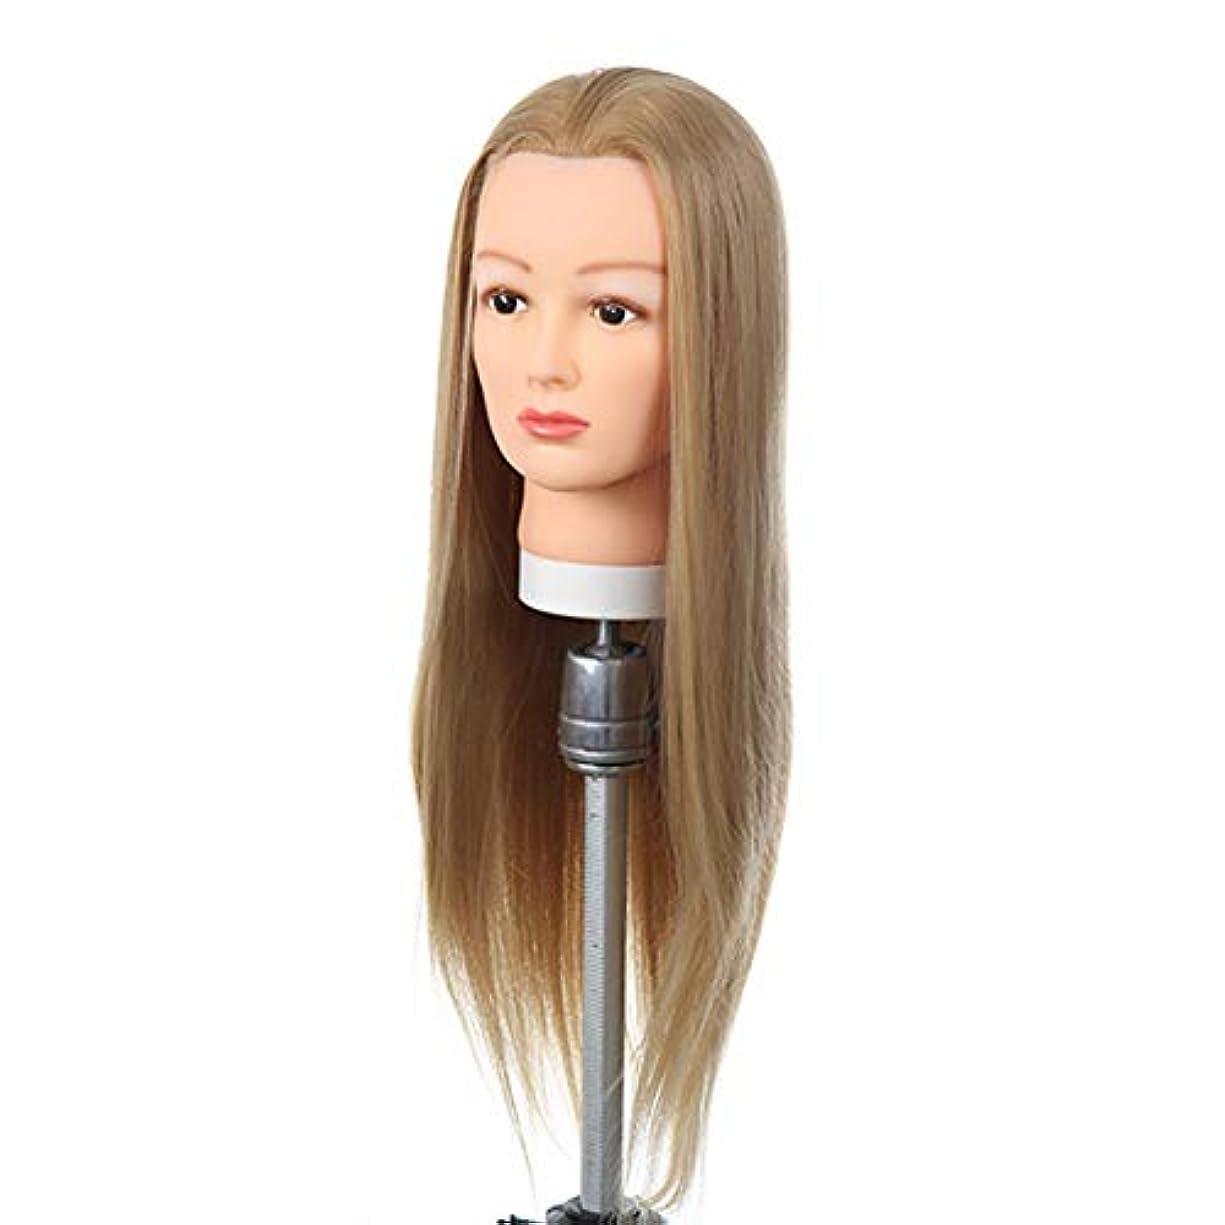 レインコートキラウエア山味わう高温シルクヘアエクササイズヘッド理髪店トリムヘアトレーニングヘッドブライダルメイクスタイリングヘアモデルダミーヘッド